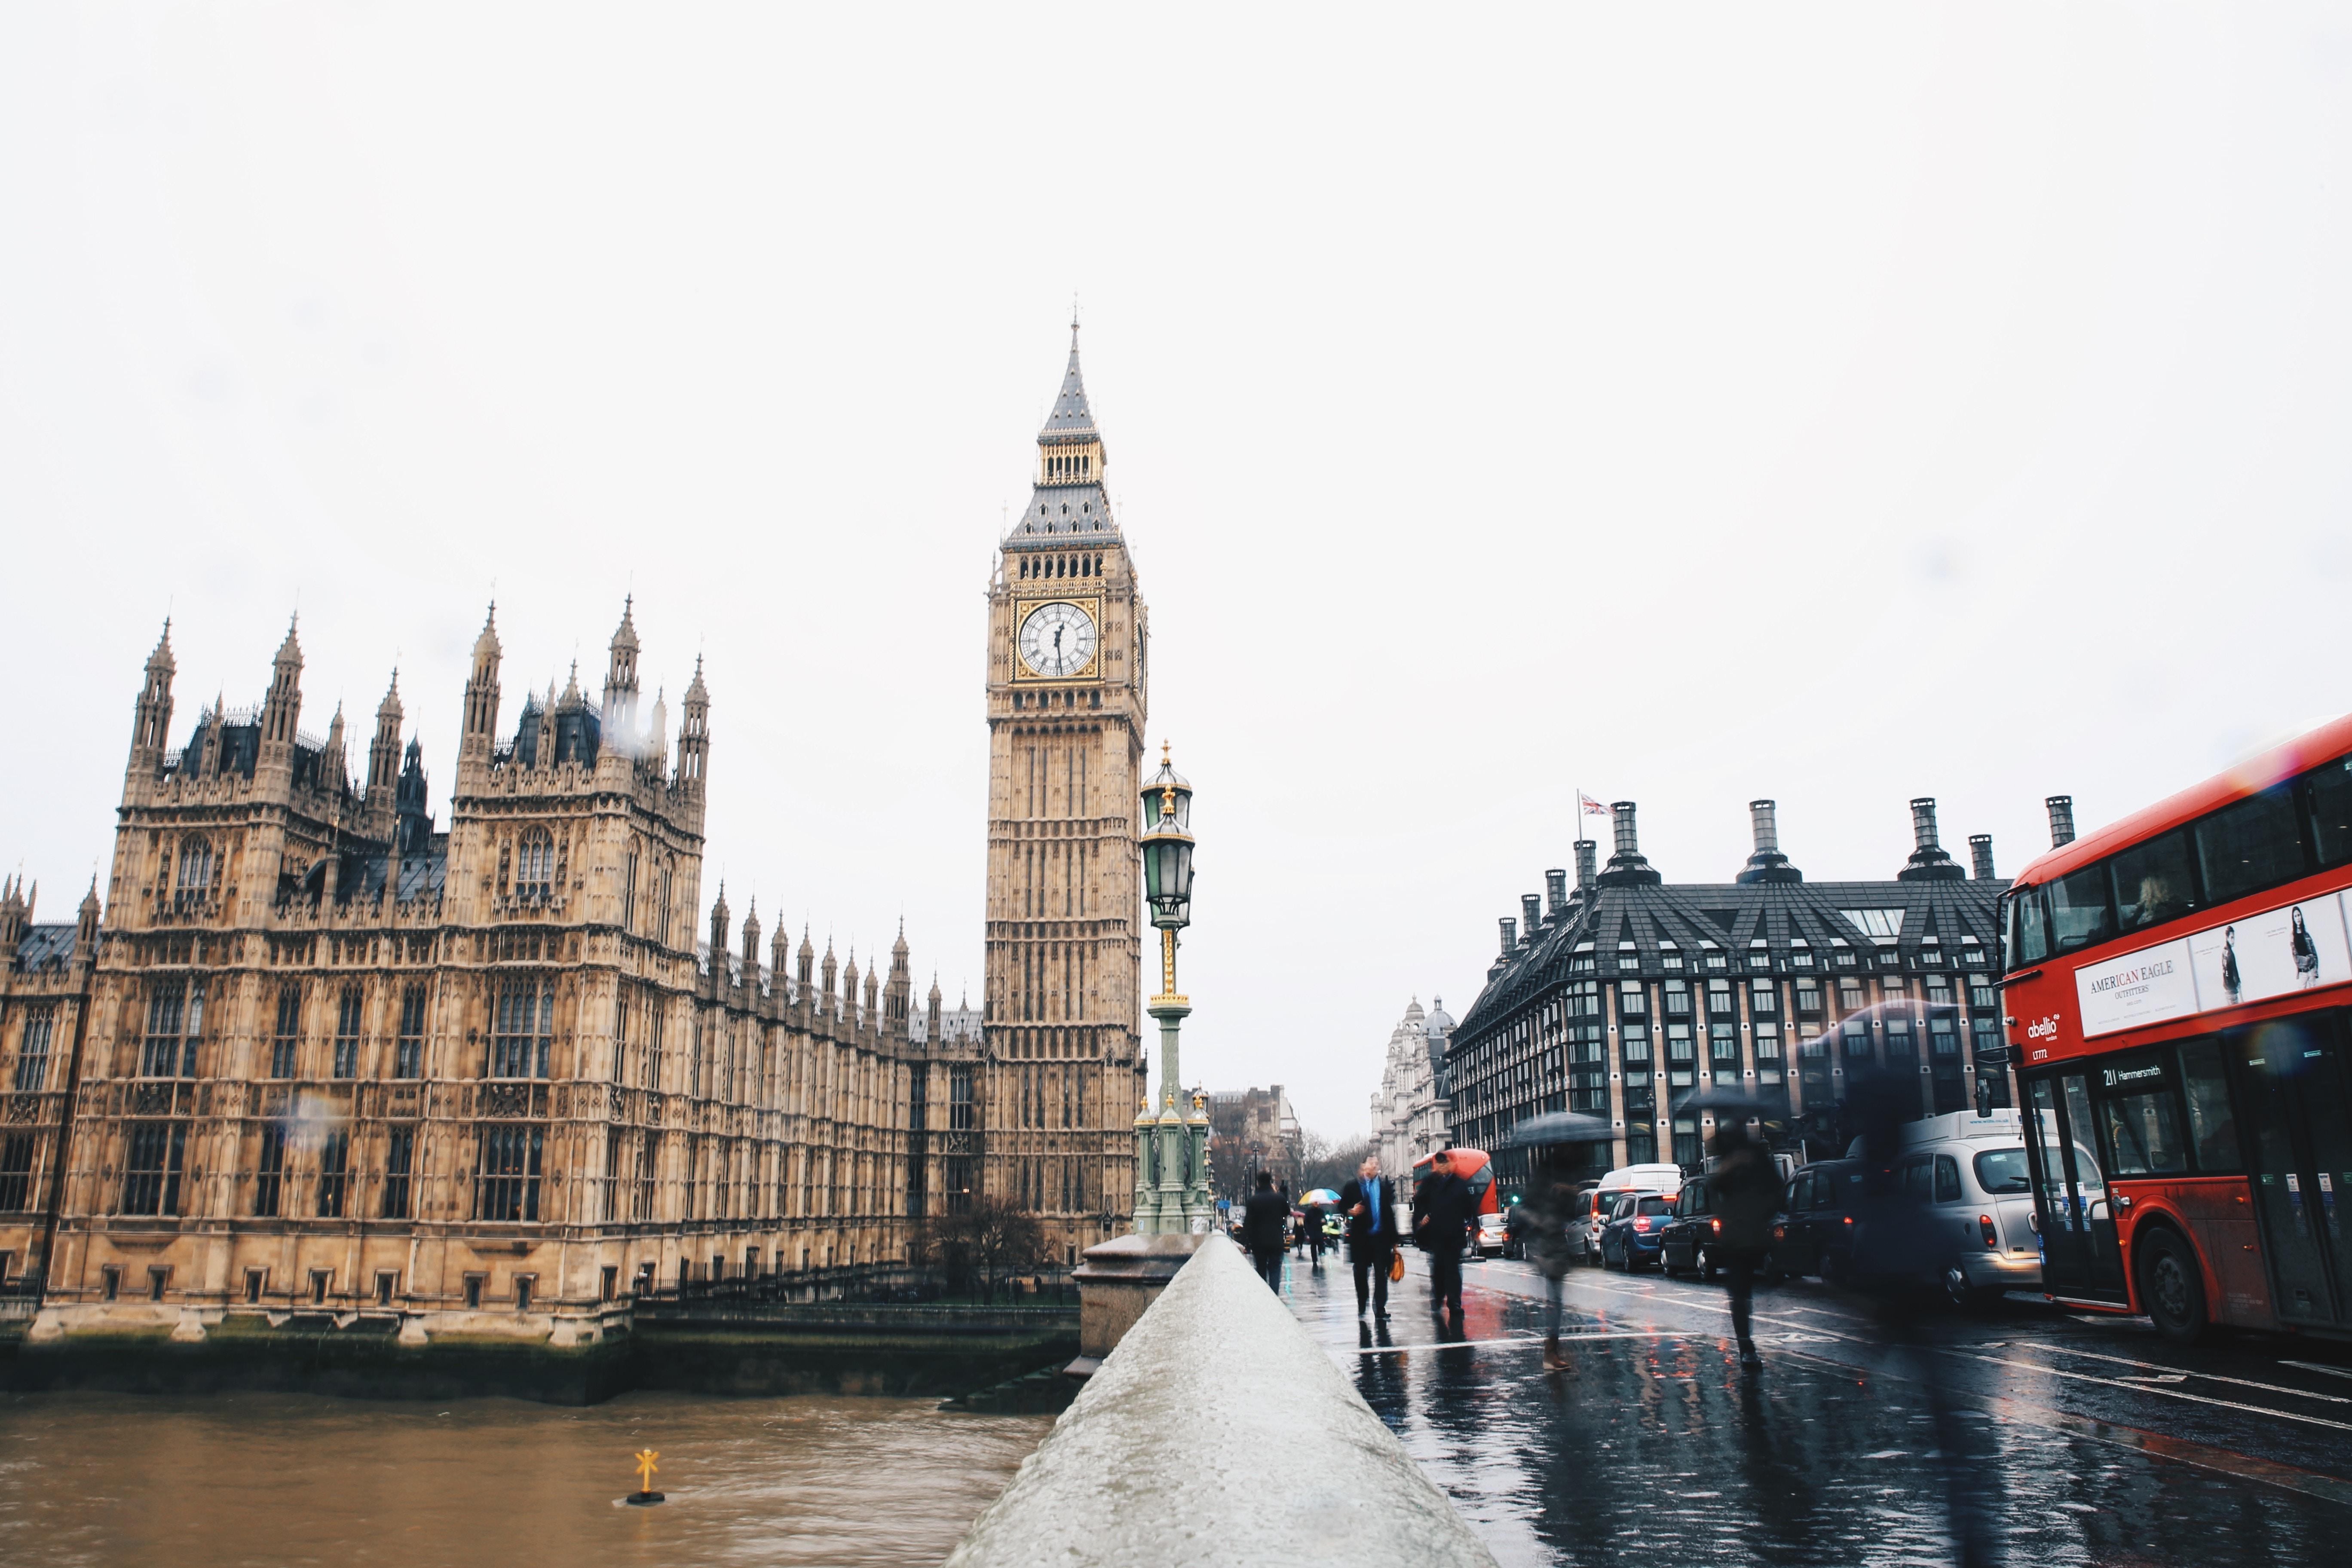 London, tower, clock, attraction, bridge, big ben